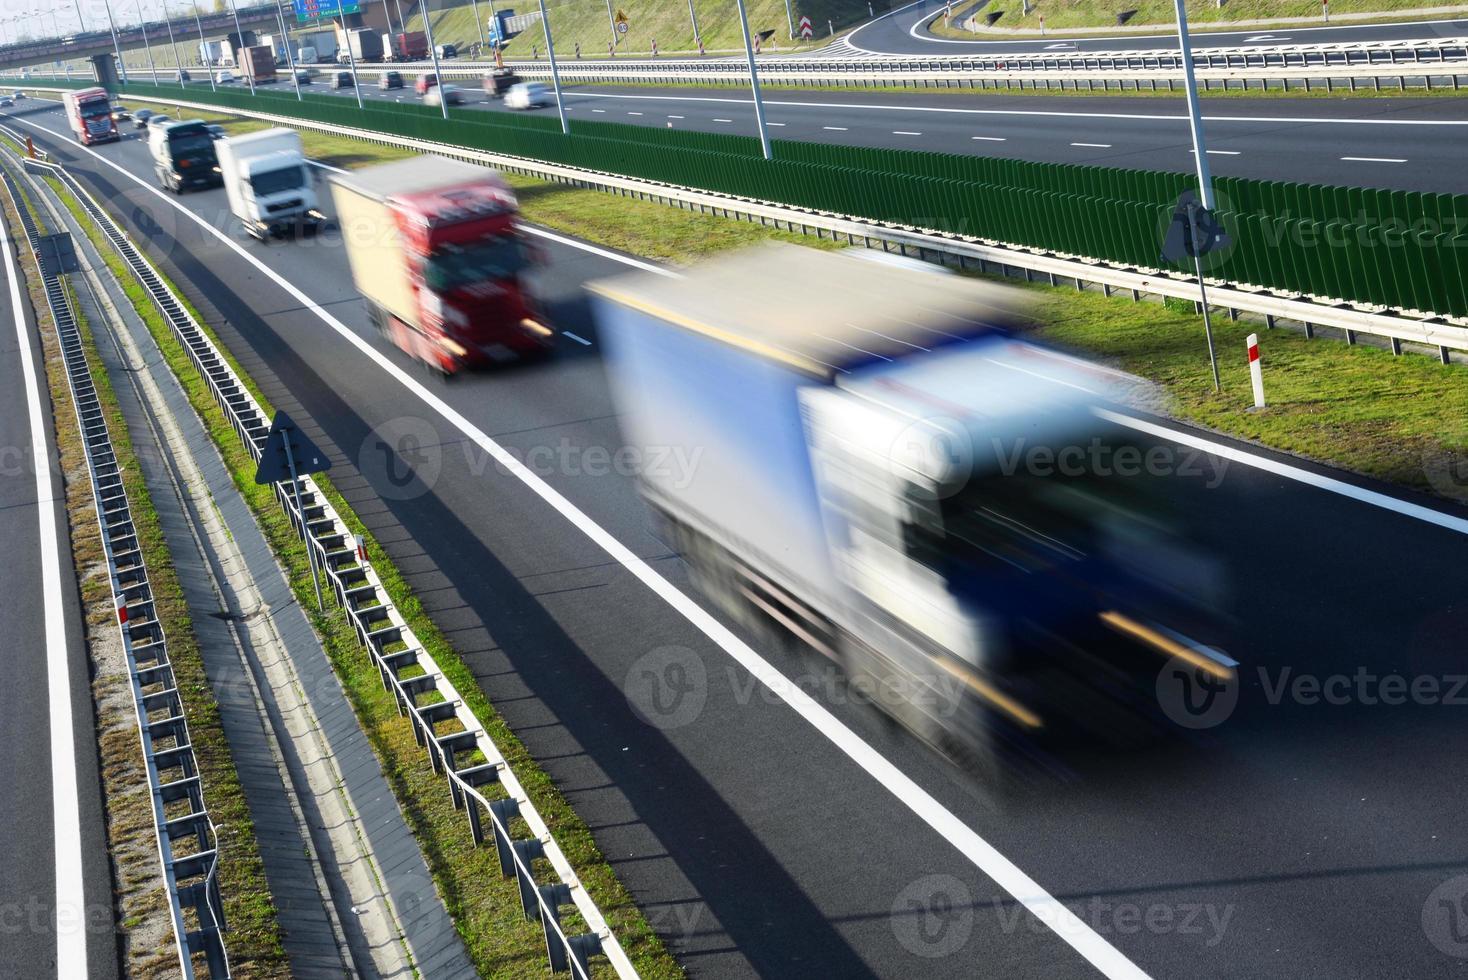 fyrvägs motorväg med kontrollerad åtkomst i Polen foto